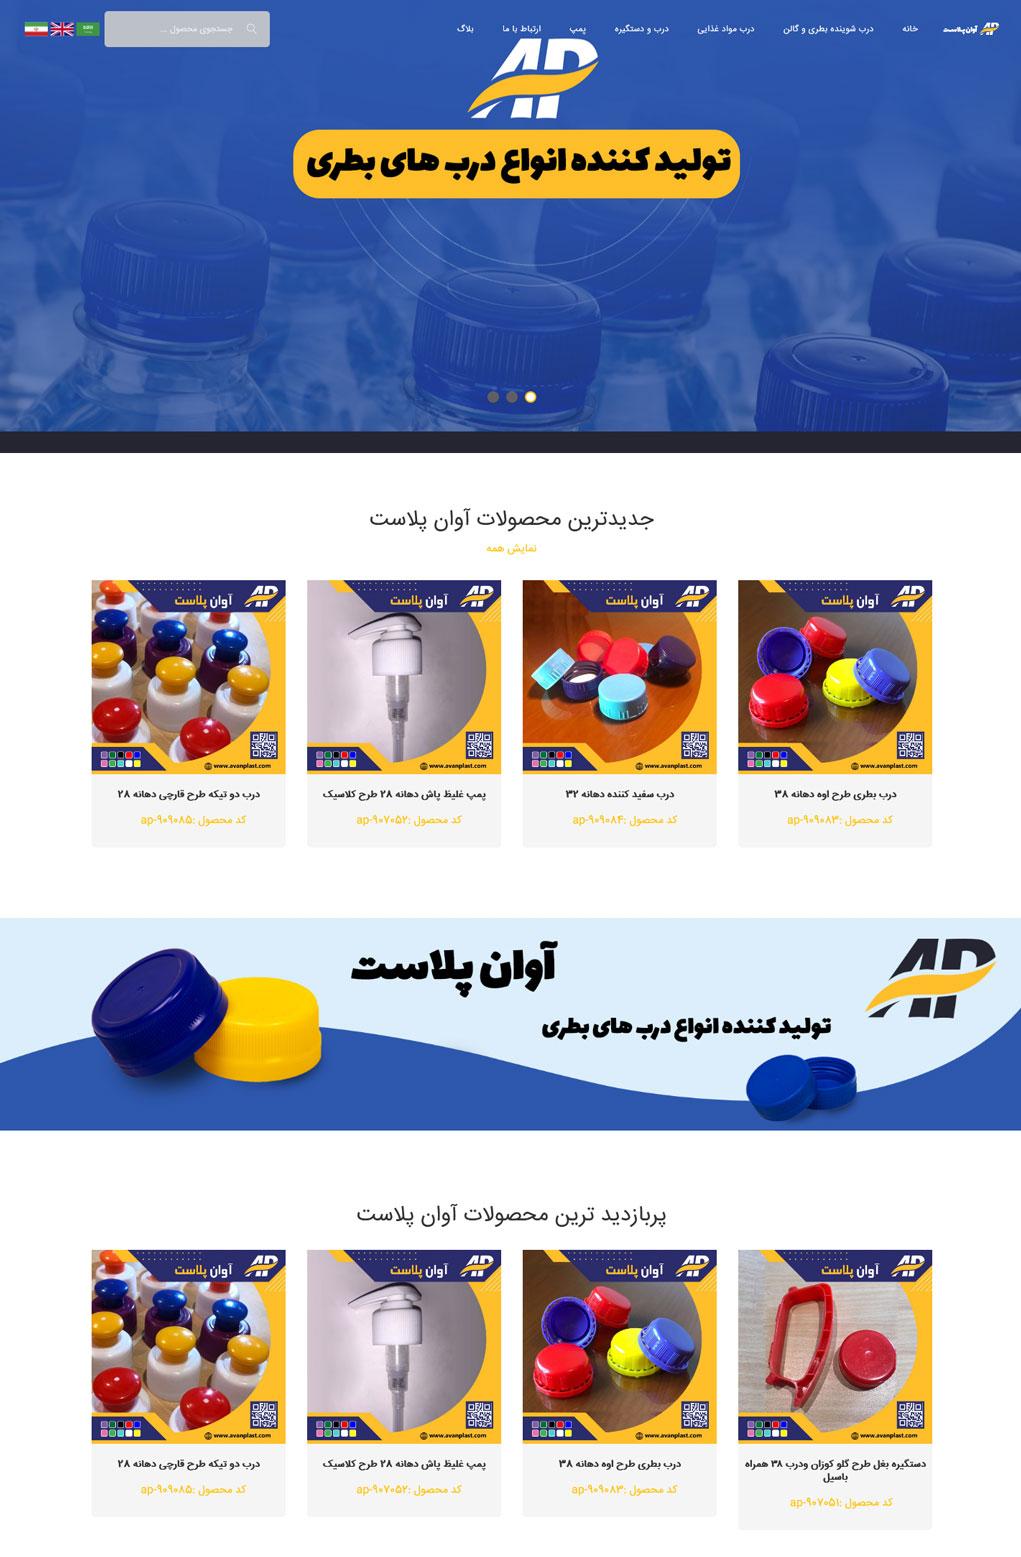 نمونه کار طراحی سایت آوان پلاست (نسخه جدید)